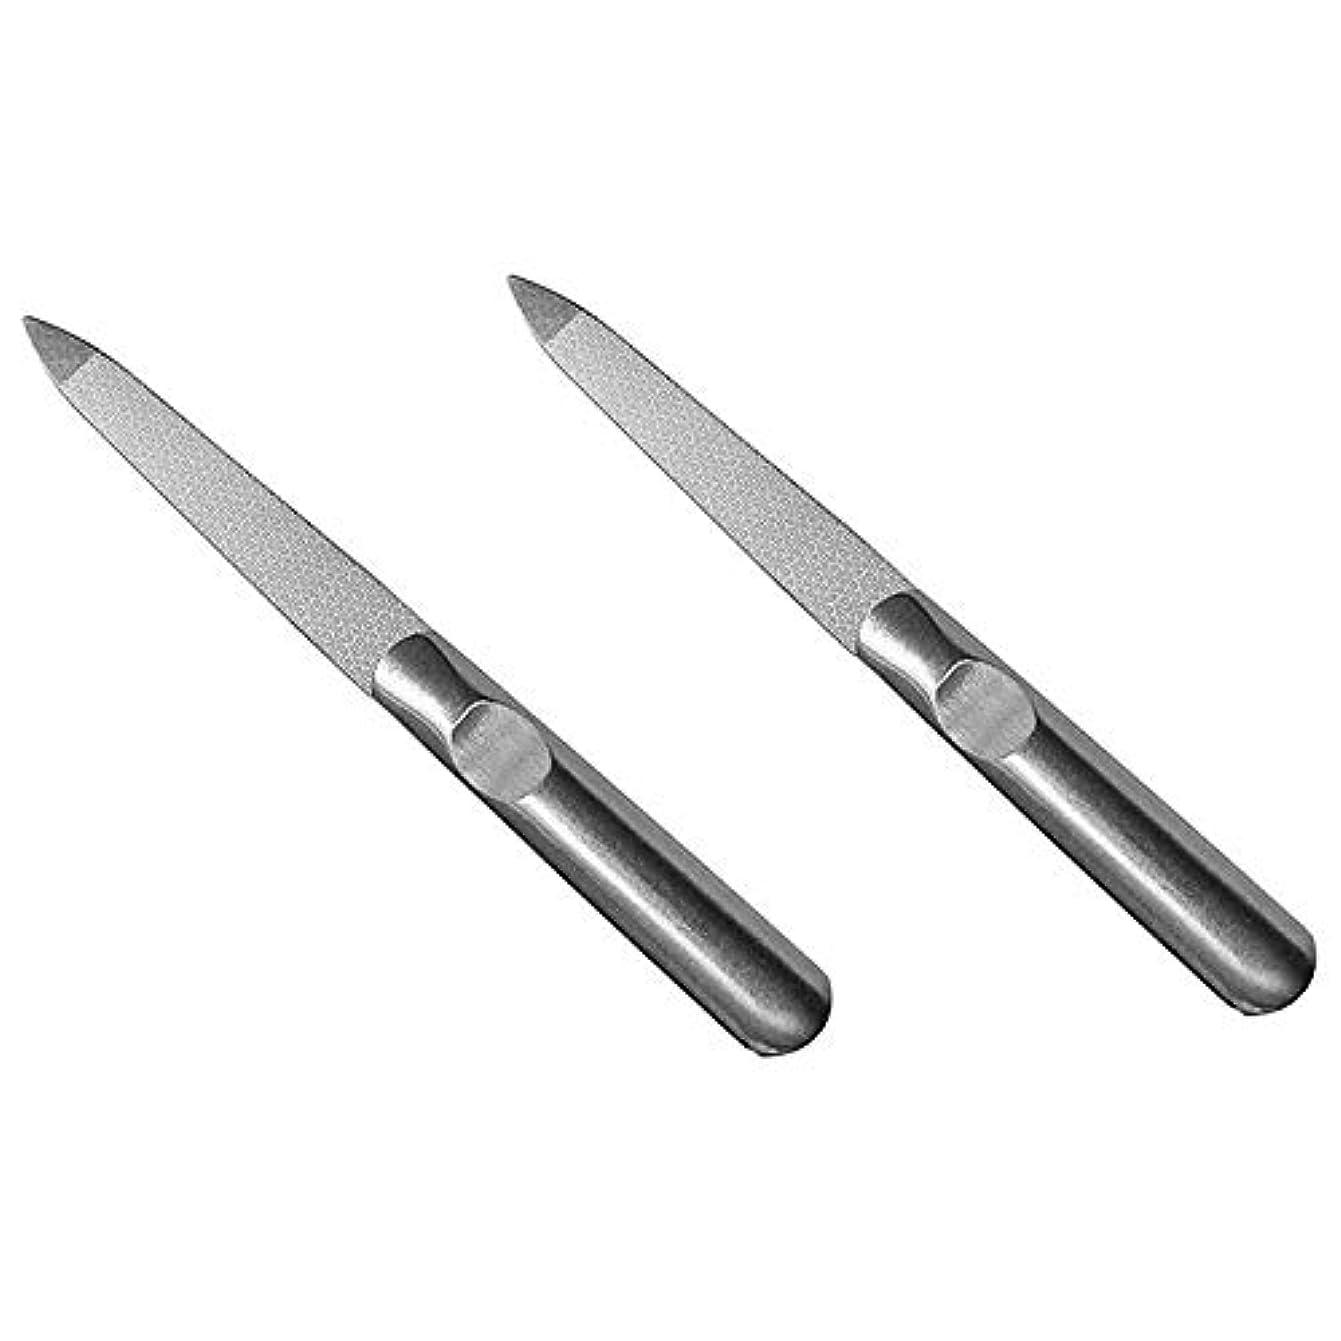 肥満逆にメンバーSemoic 2個 ステンレススチール ネイルファイル 両面マット アーマー美容ツール Yangjiang爪 腐食の防止鎧